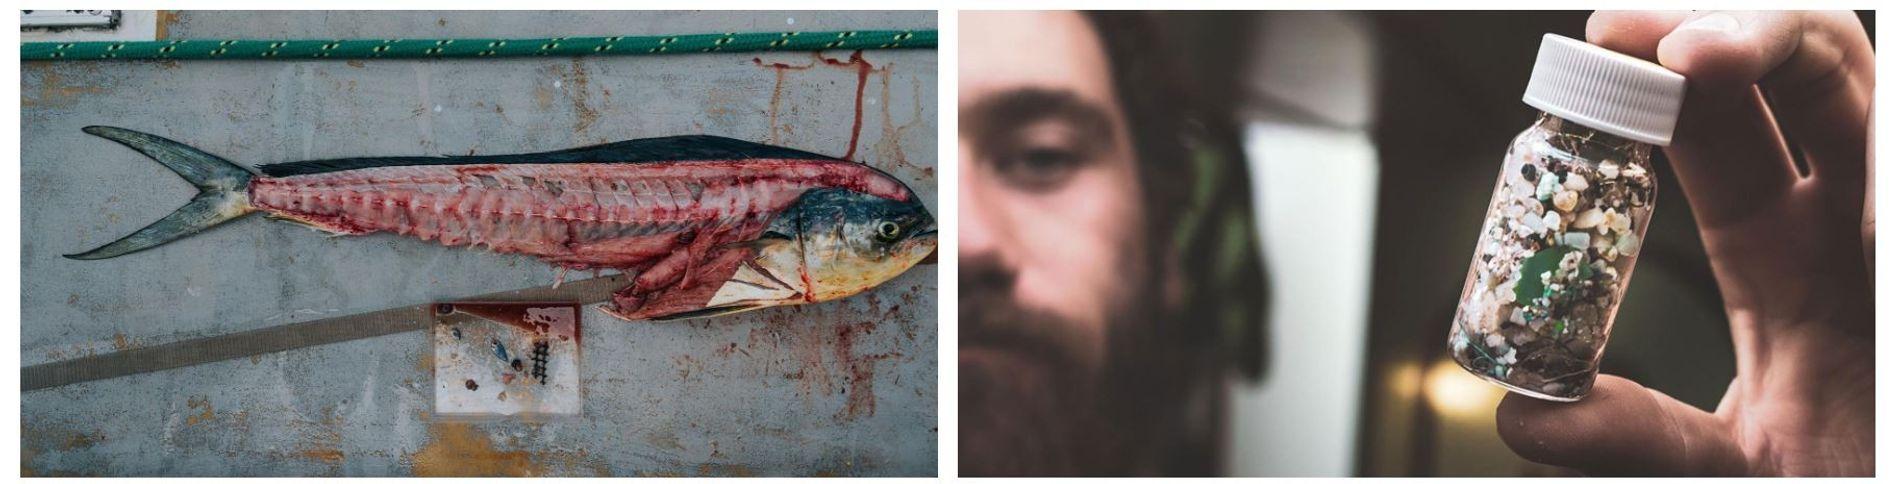 Esquerda: A equipa recolhe amostras dos peixes que captura nas redes. O plástico ao lado deste dourado-do-mar foi encontrado dentro do seu estômago. Direita: Um membro da equipa com um recipiente que tem 2.409 pedaços de plástico recolhidos da água em apenas 30 minutos.